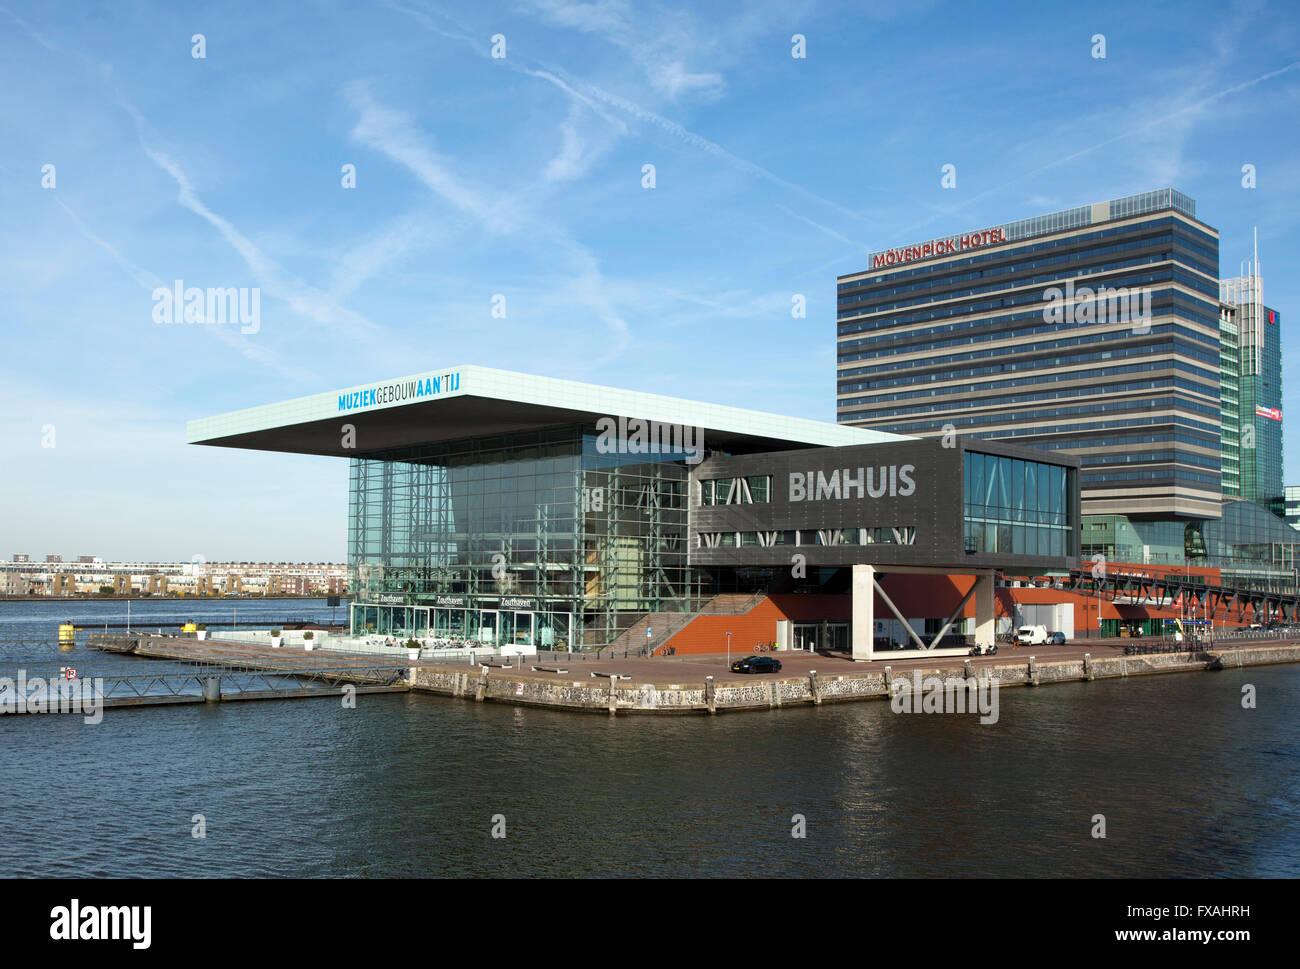 Muziekgebouw aan 't IJ concert hall and Bimhuis, Amsterdam, Holland, The Netherlands - Stock Image